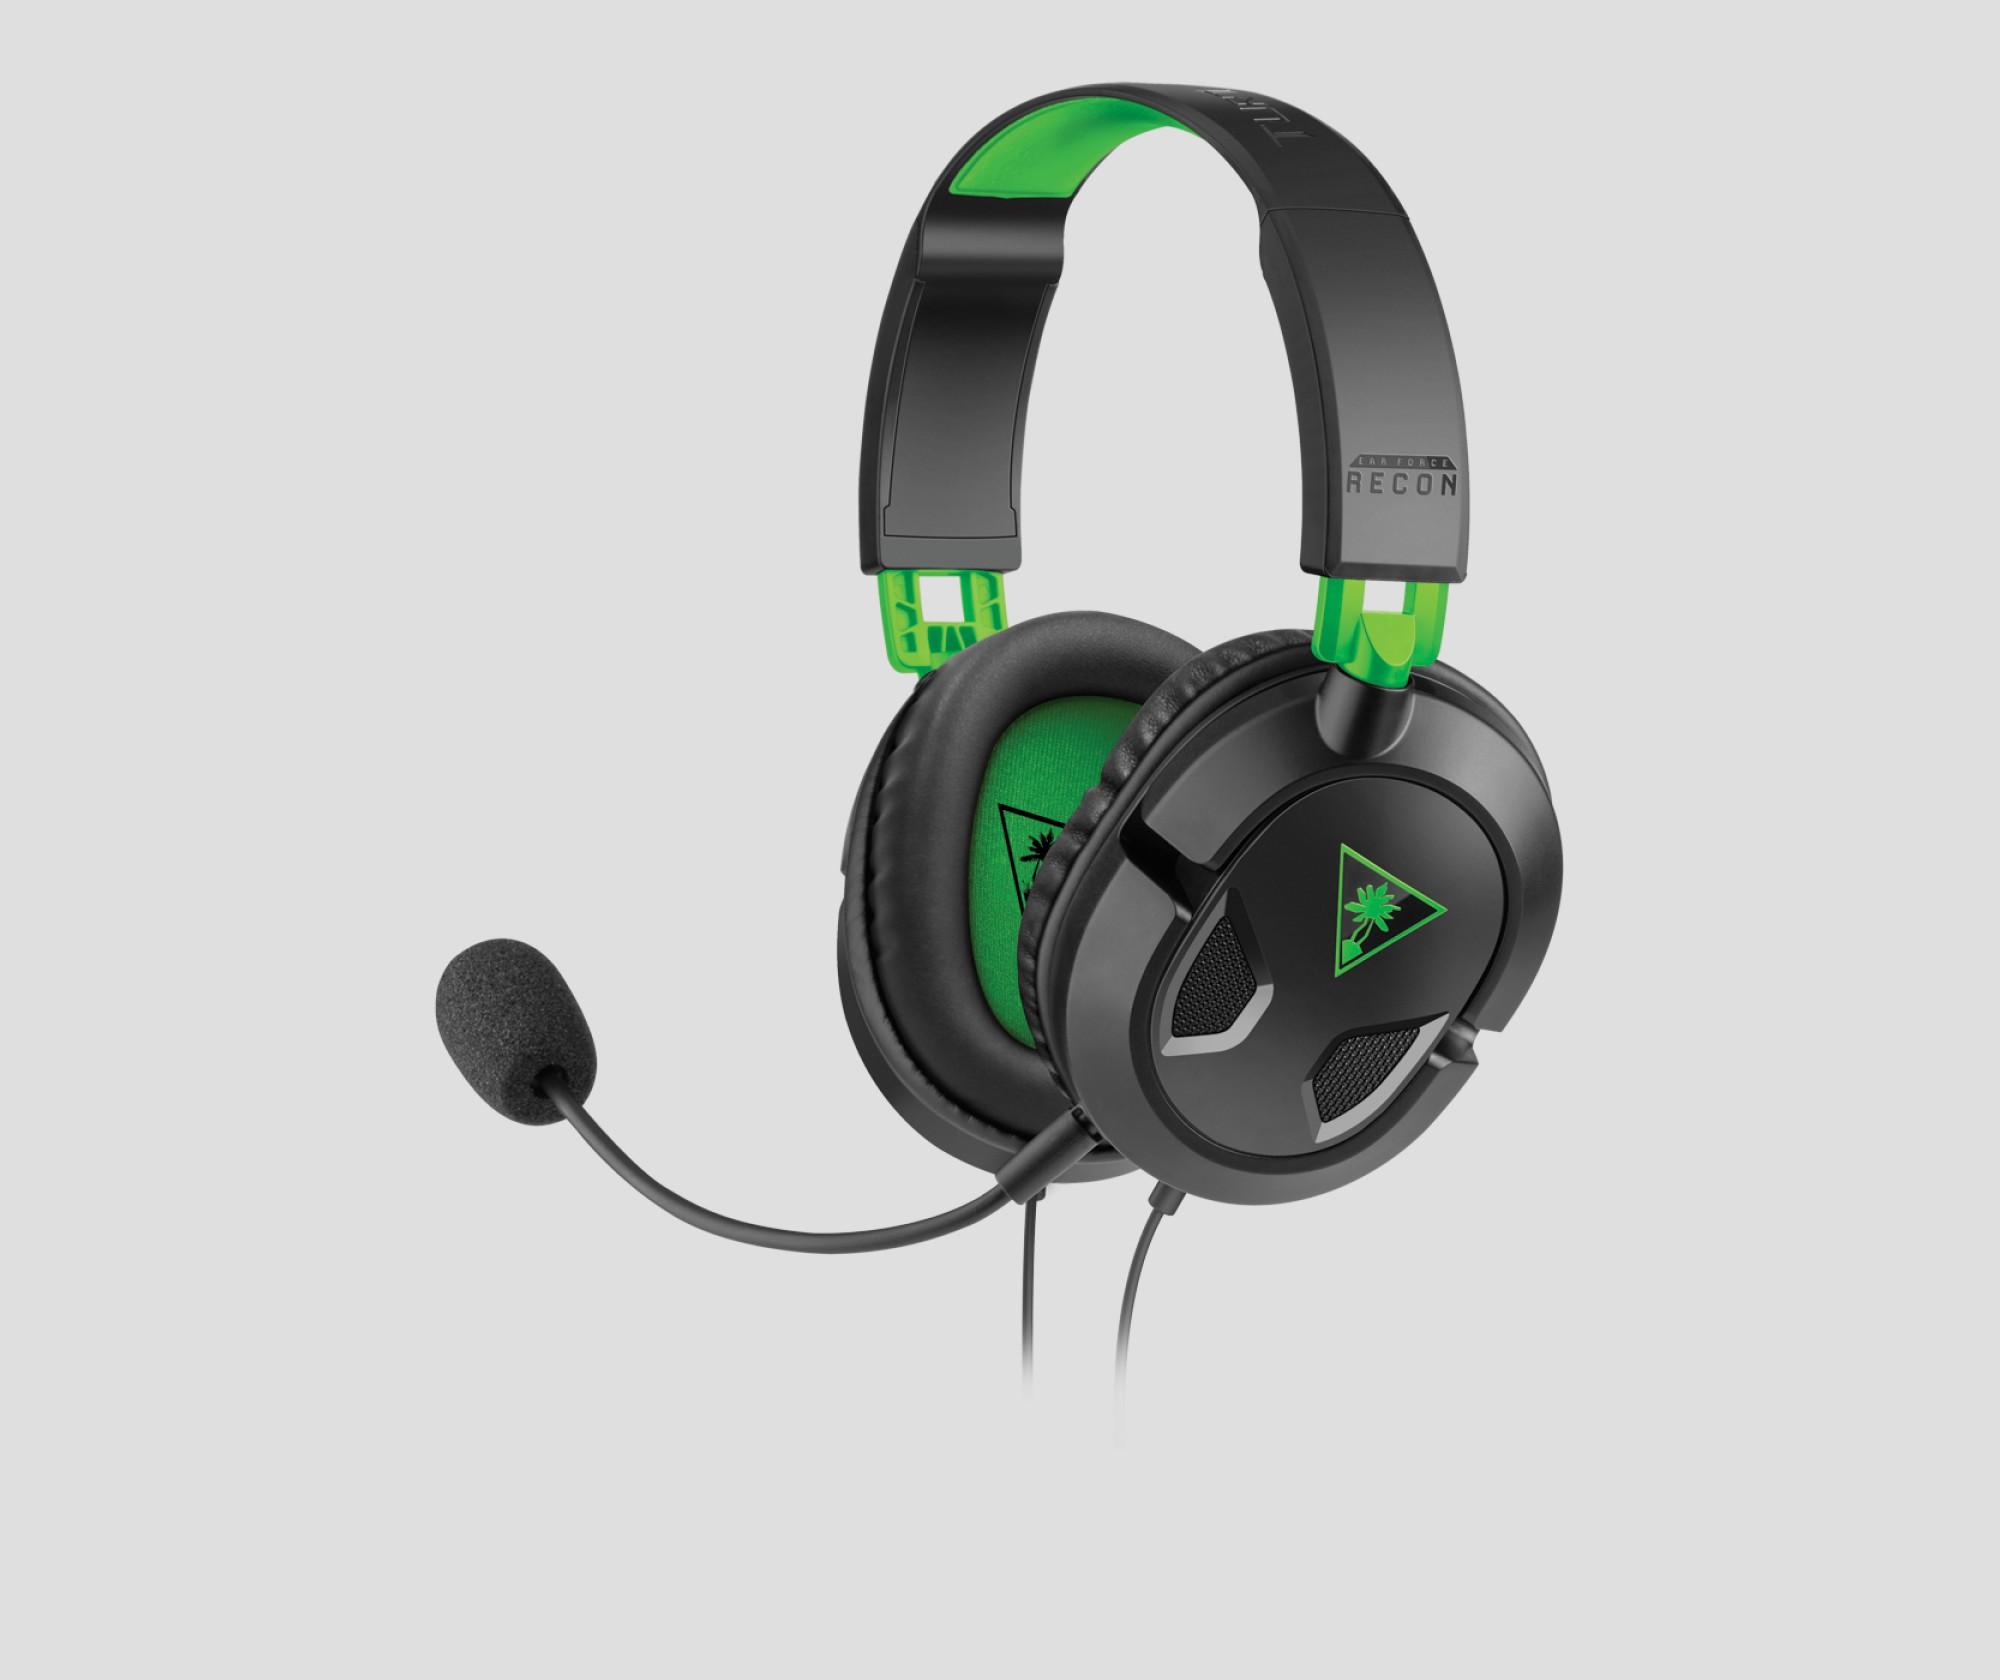 EAR FORCE RECON 50X